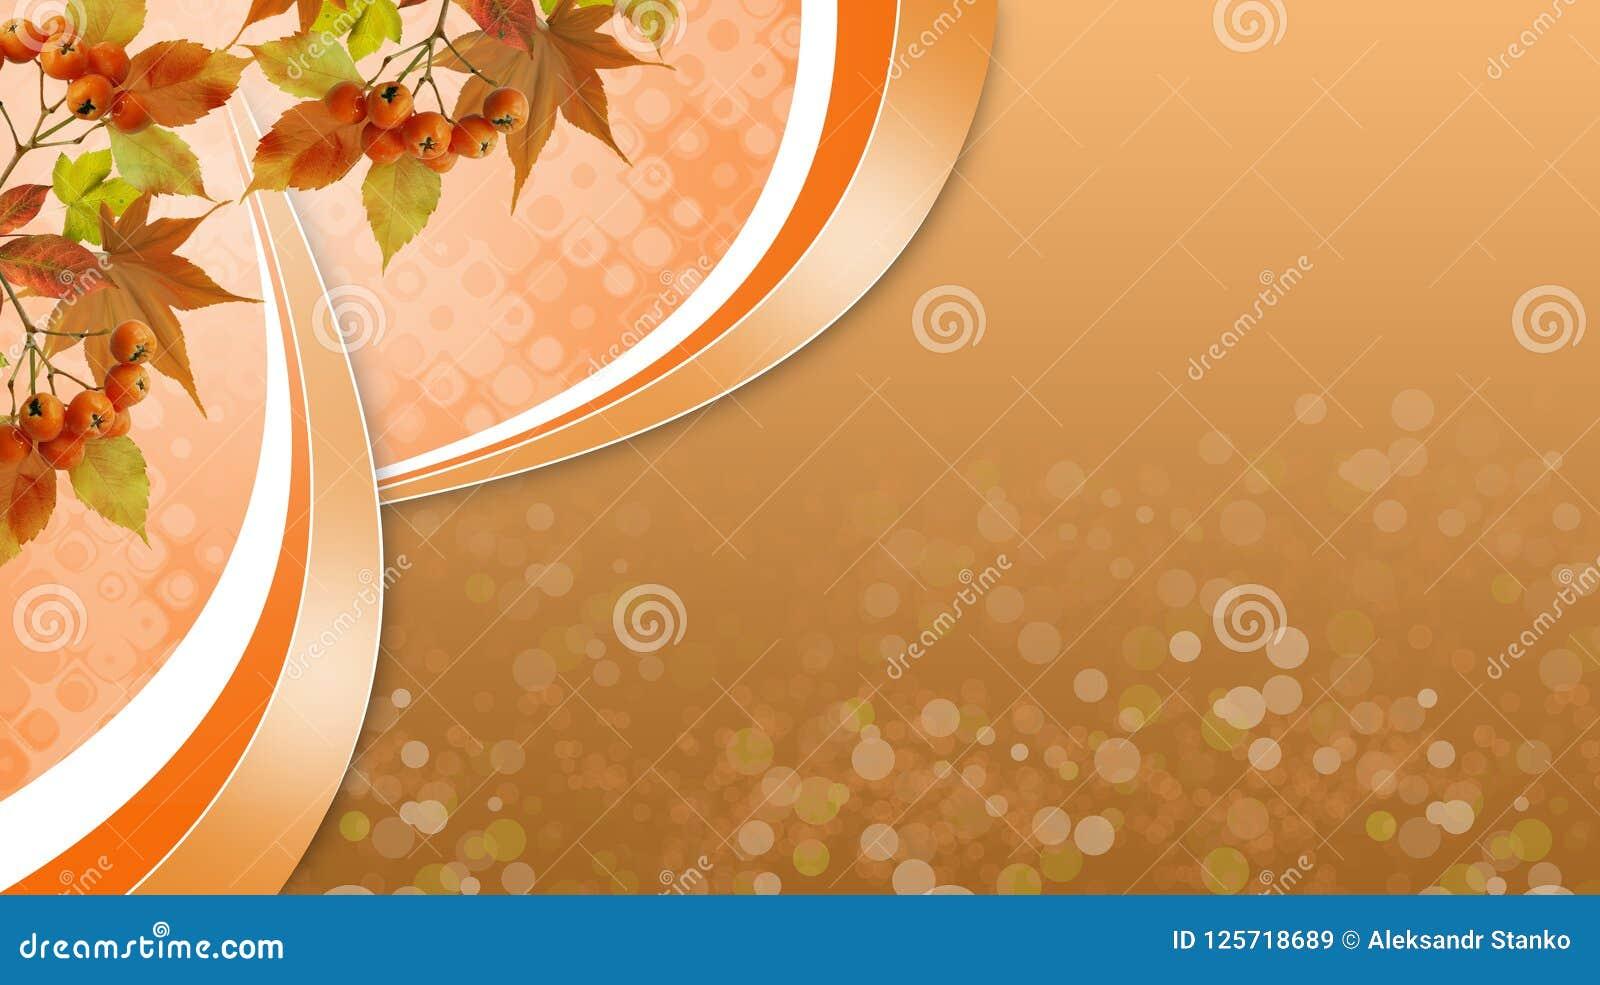 Το φωτεινό φθινοπωρινό υπόβαθρο με τα κιτρινισμένα φύλλα, φθινόπωρο ήρθε